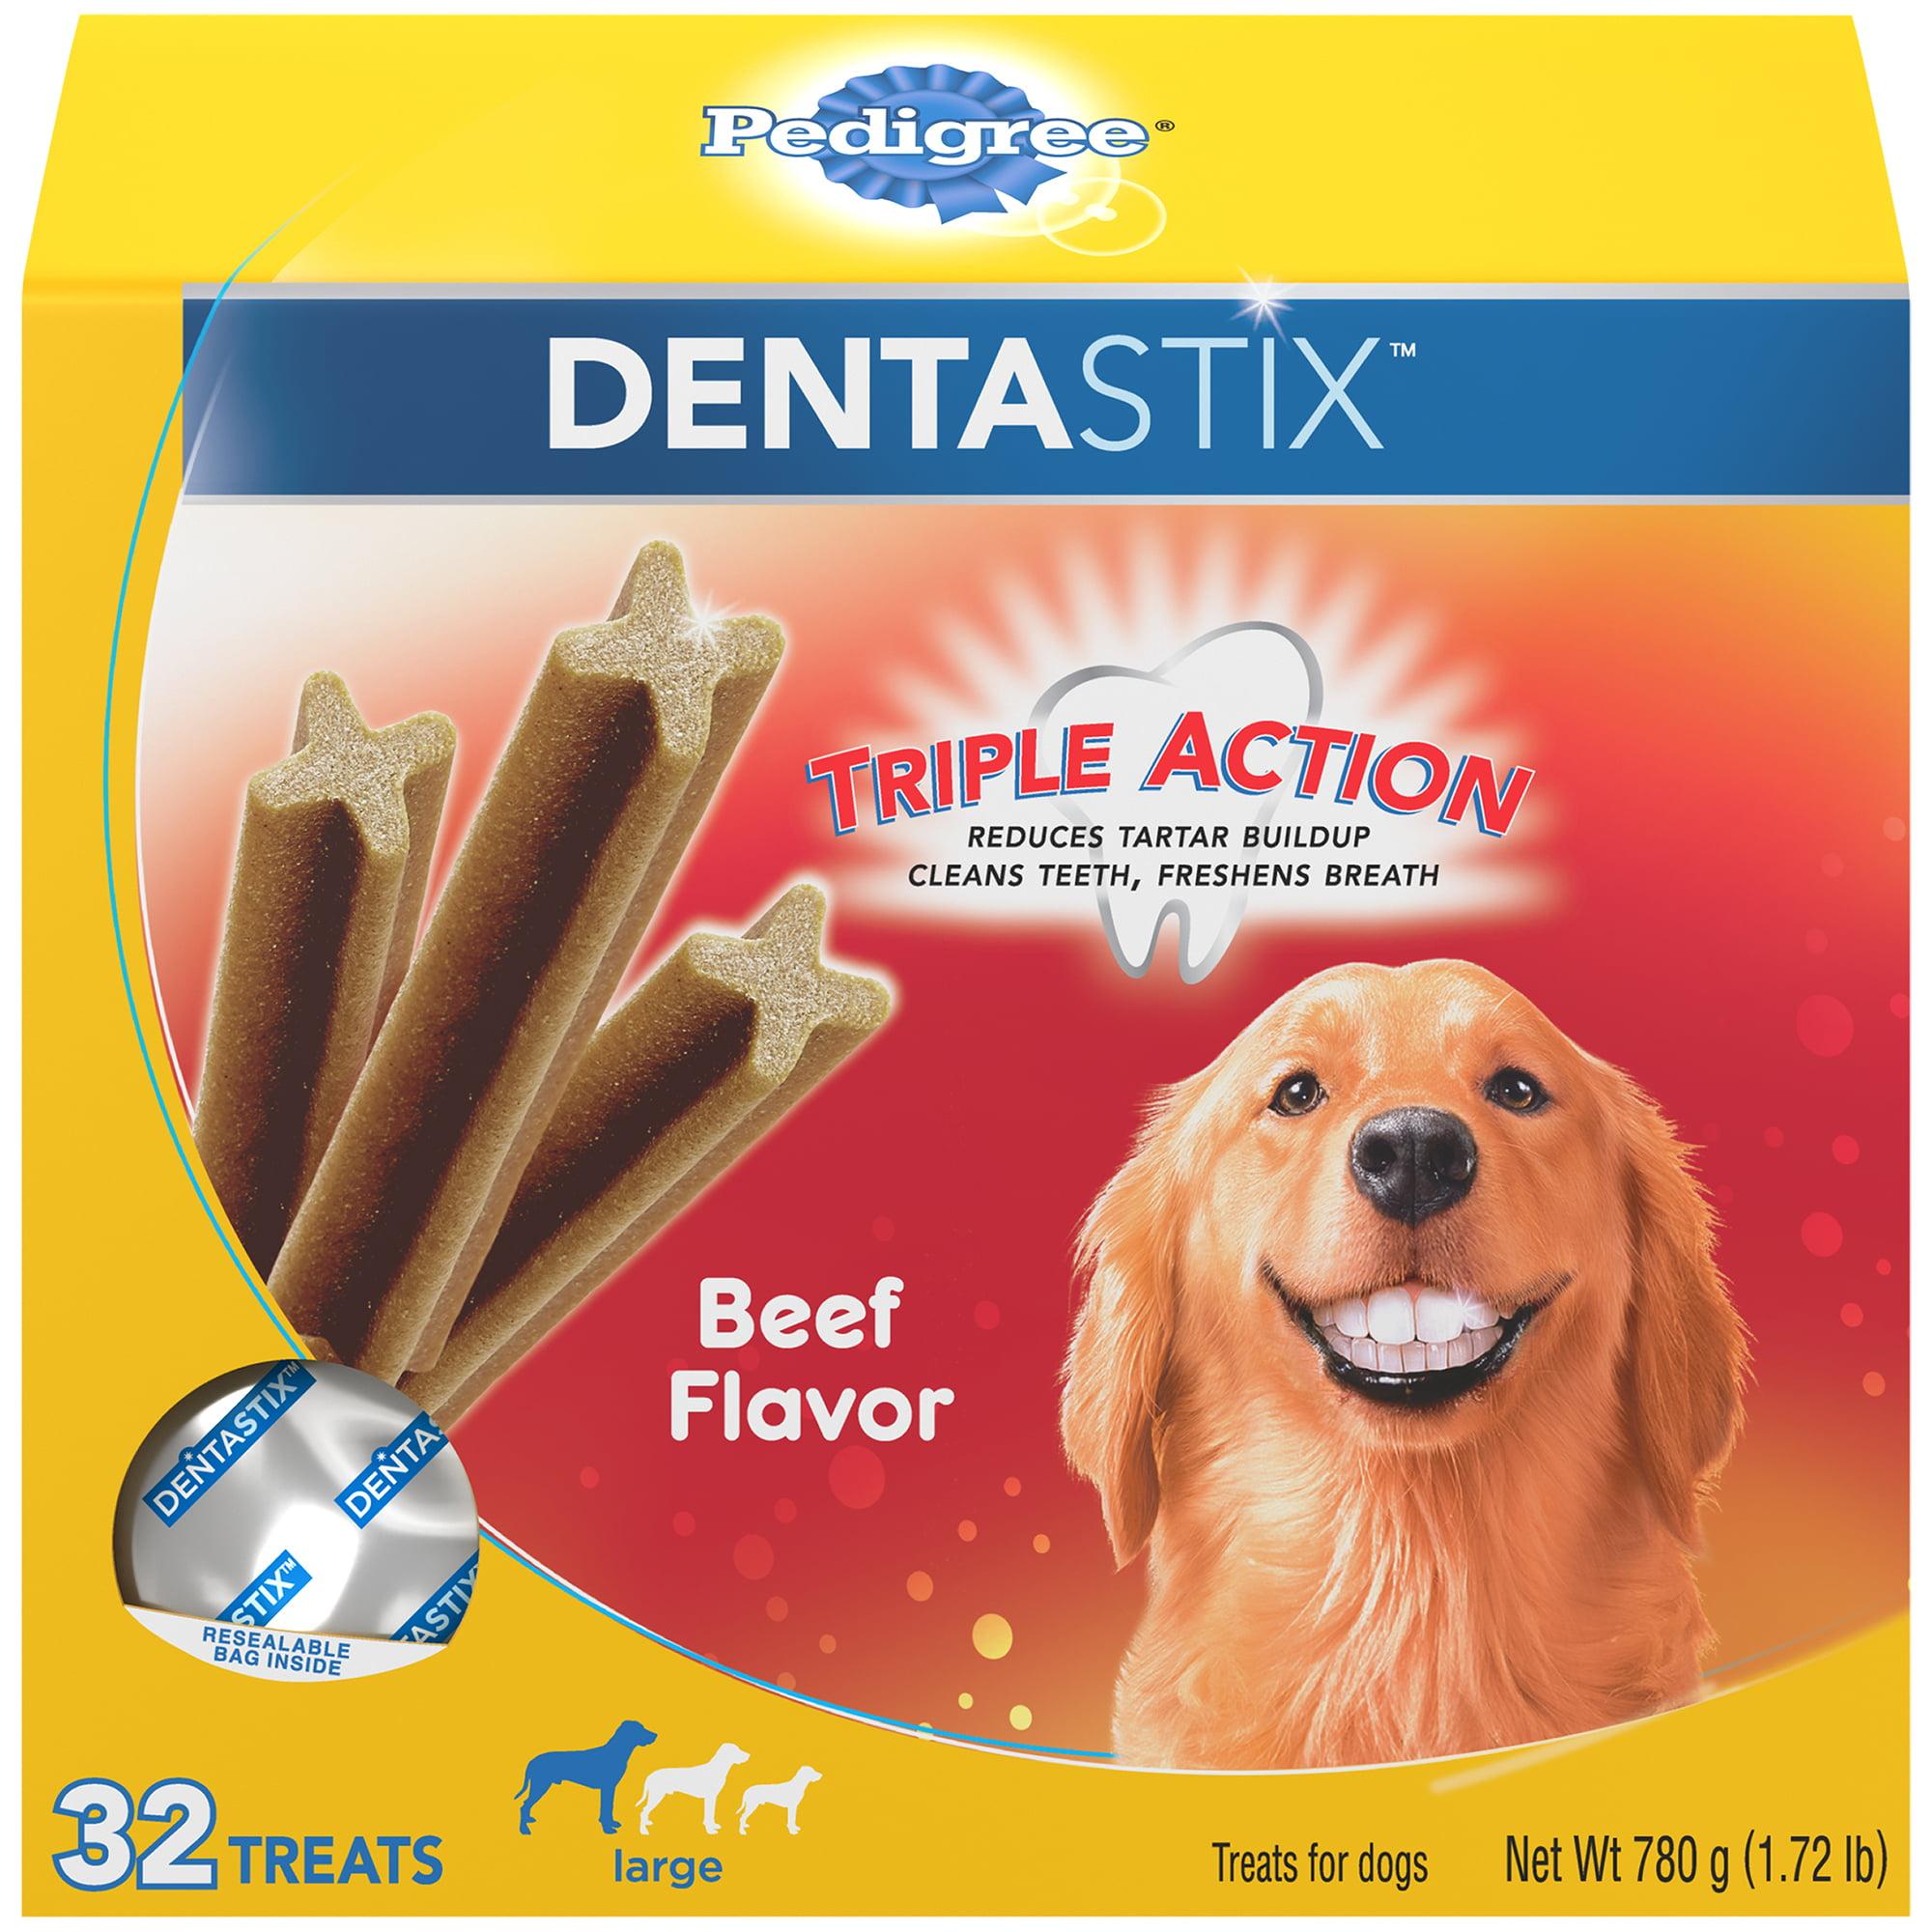 PEDIGREE DENTASTIX Large Dental Dog Treats Beef Flavor, 1